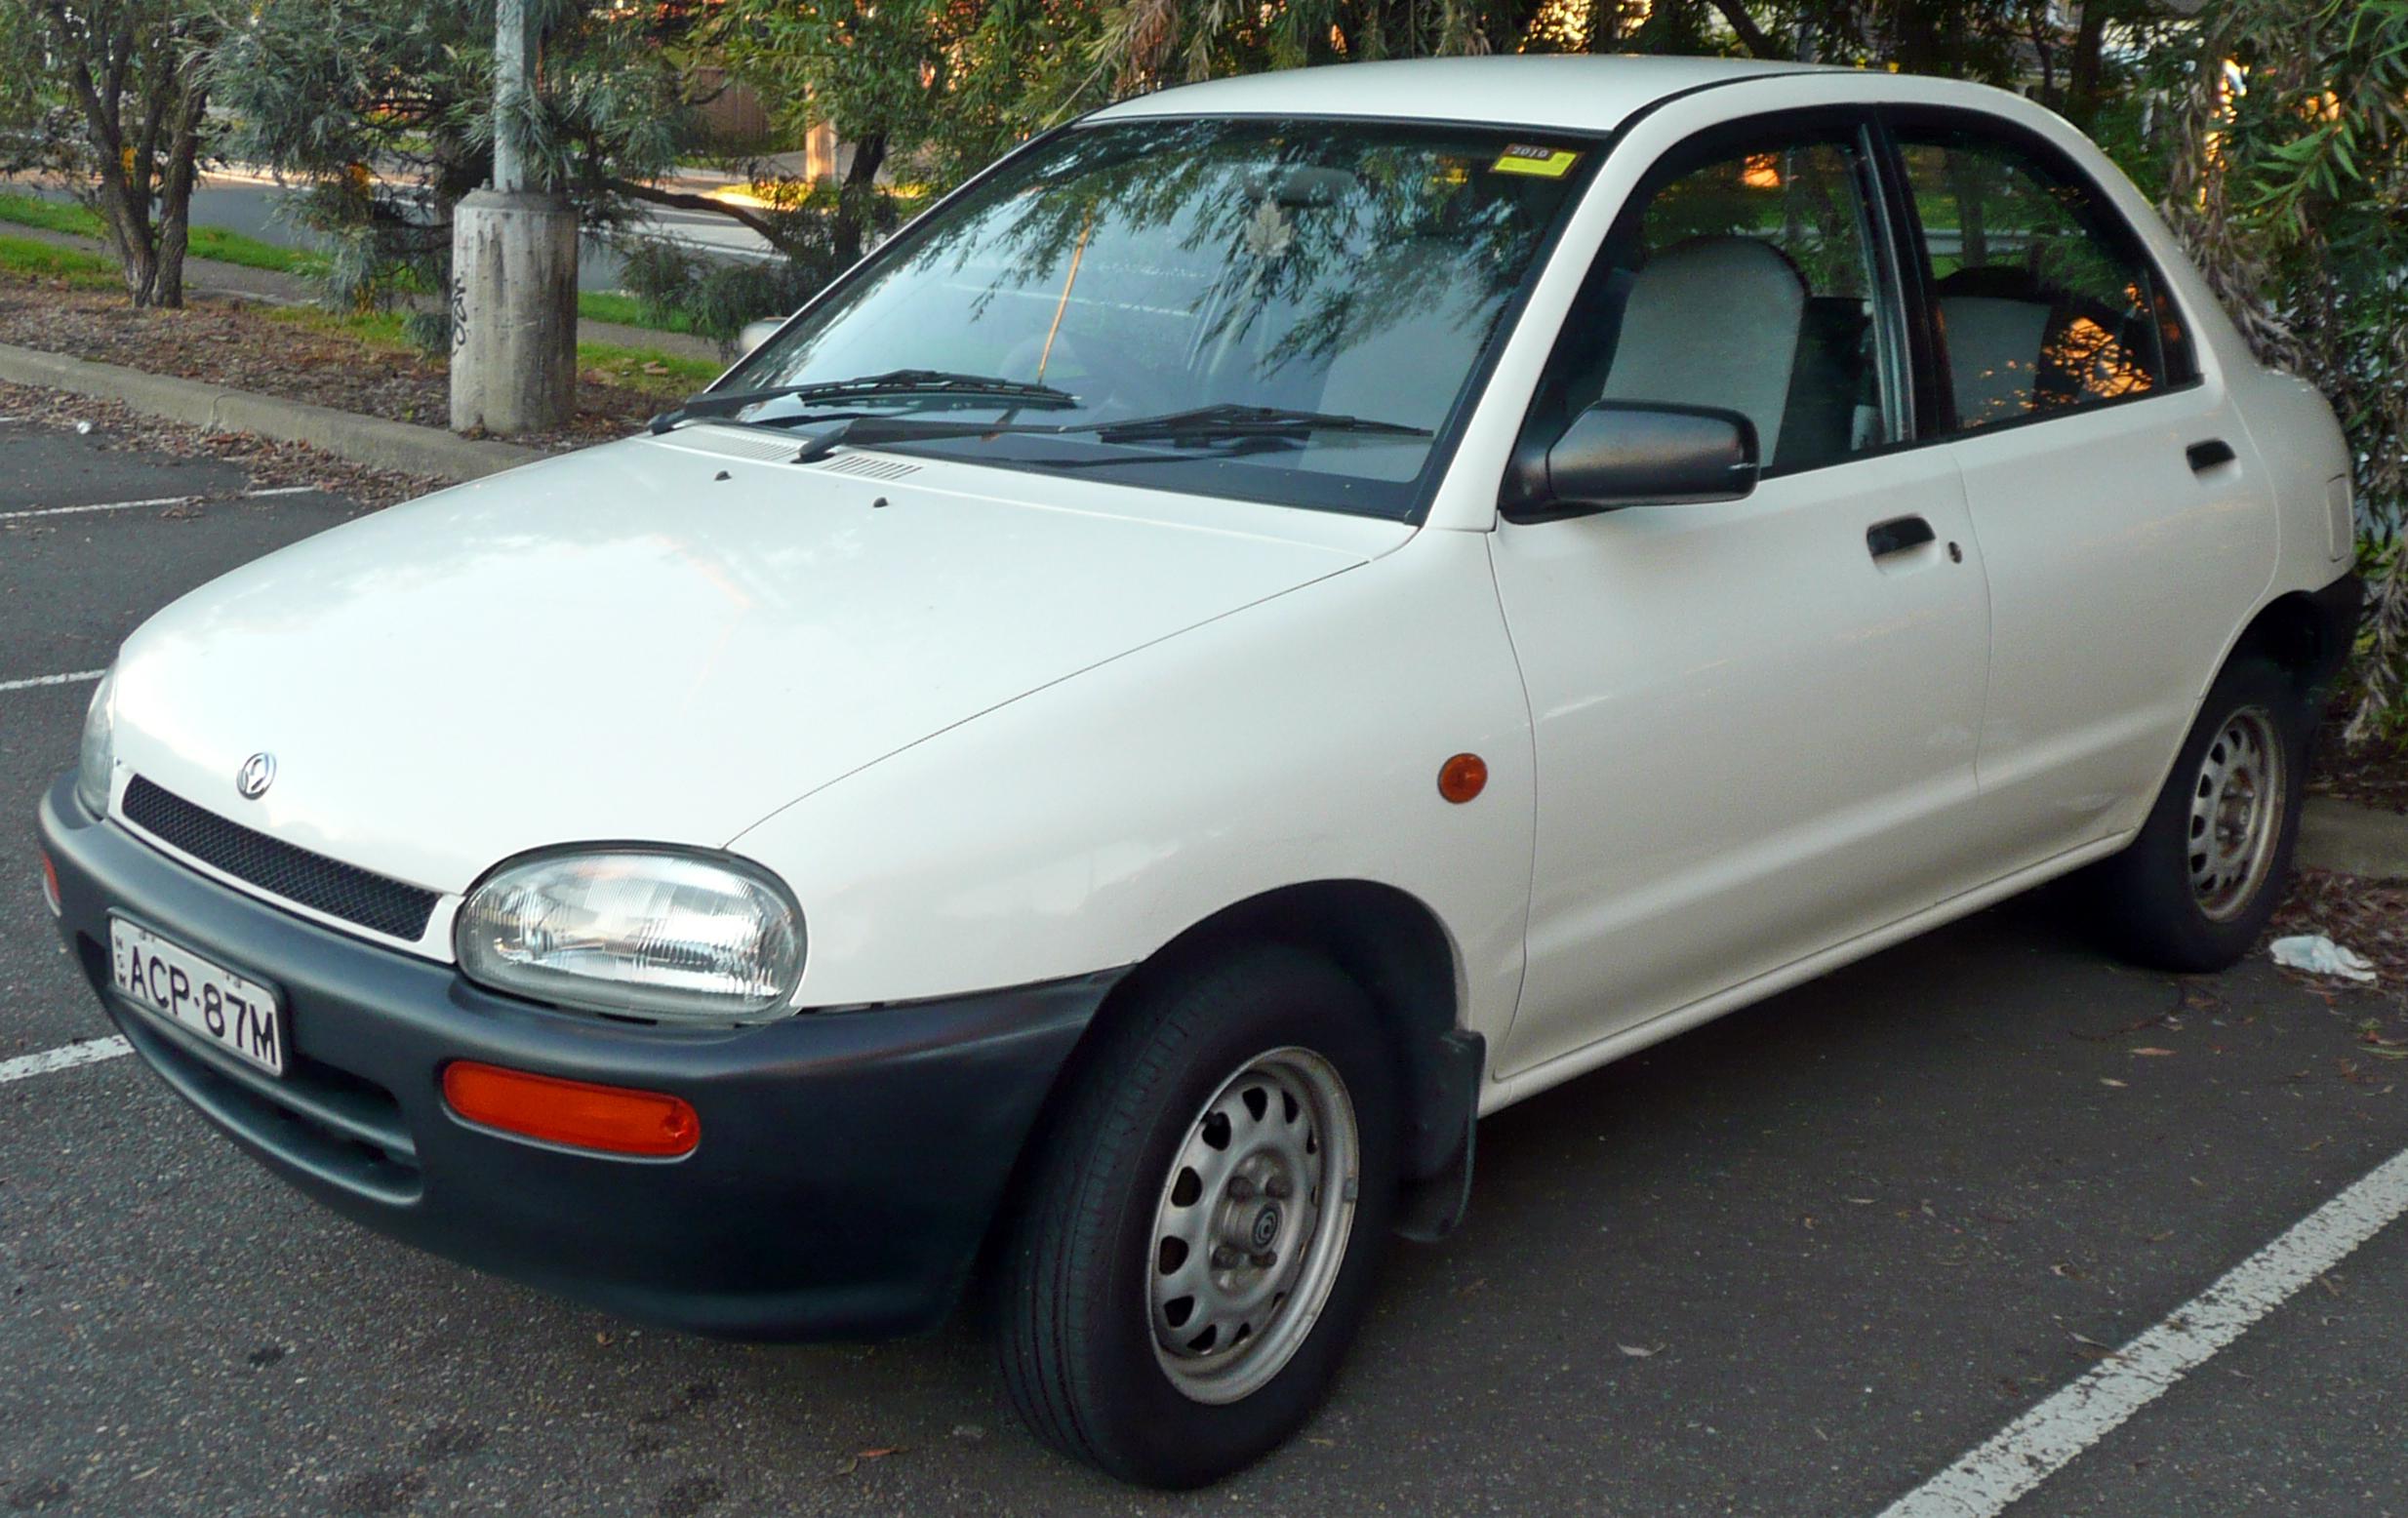 1994_Mazda_121_(DB_Series_2)_1.3_sedan_(2009-06-06)